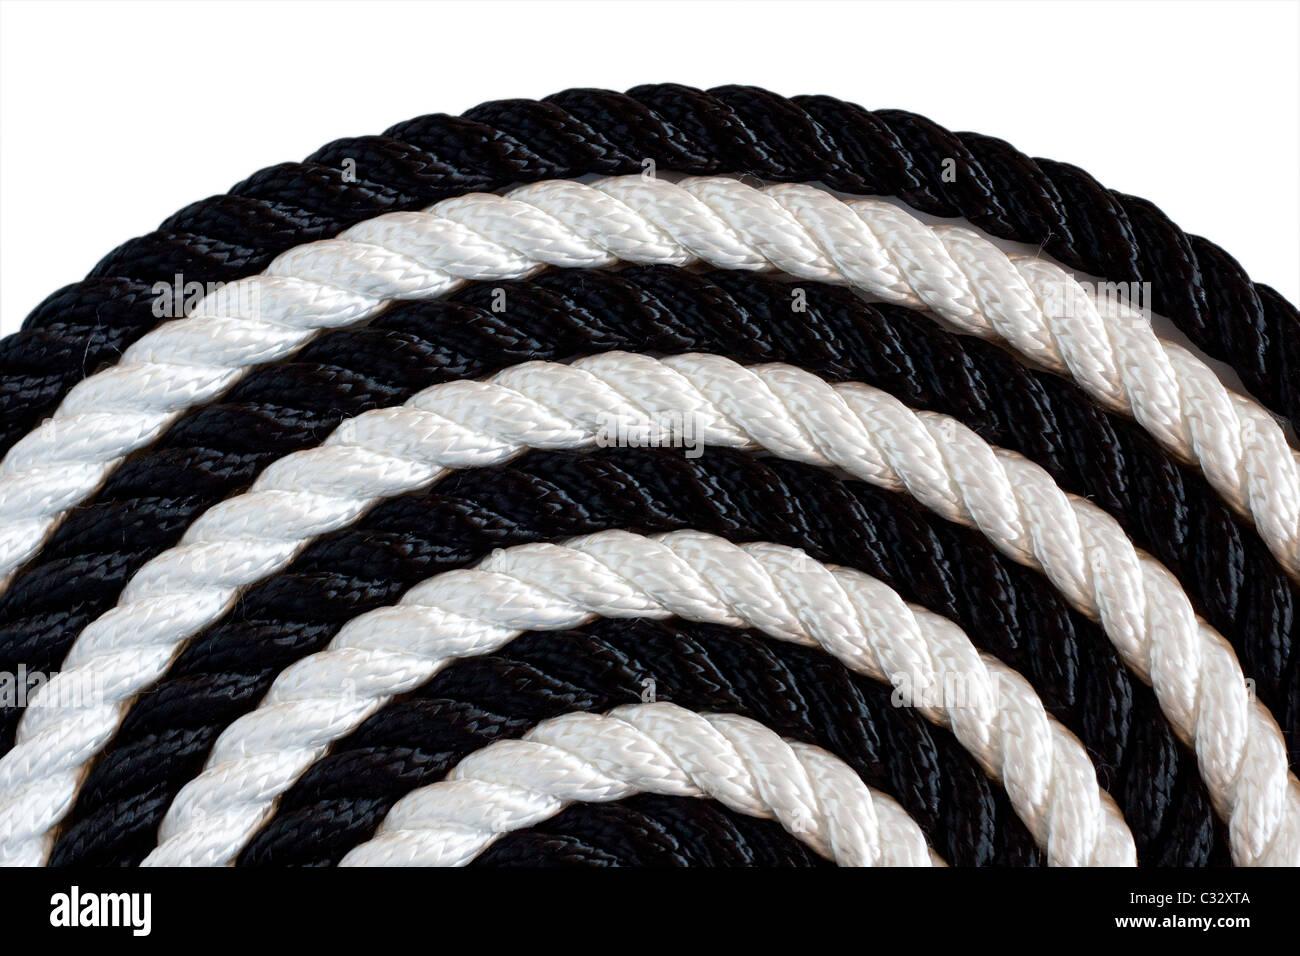 Cuerda de blanco y negro sobre fondo blanco. Imagen De Stock